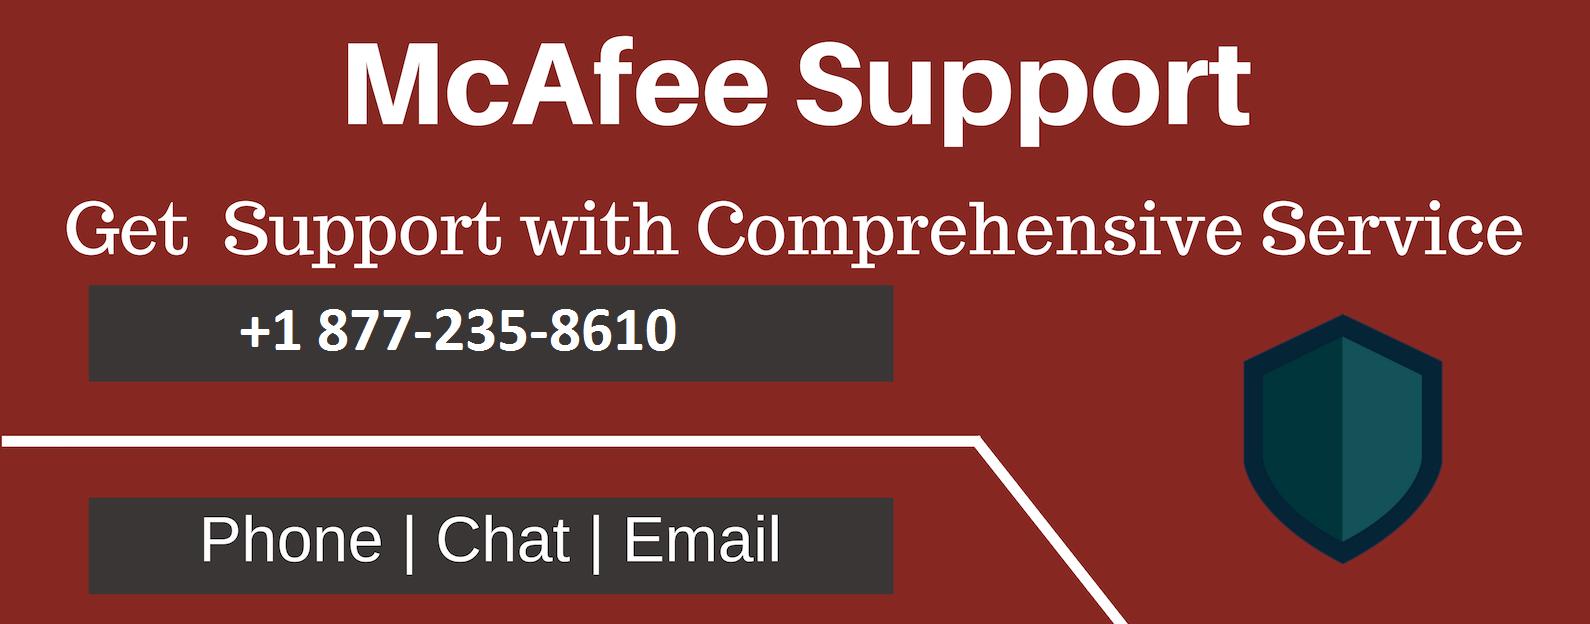 McAfee Helpline Number +1 877-235-8610